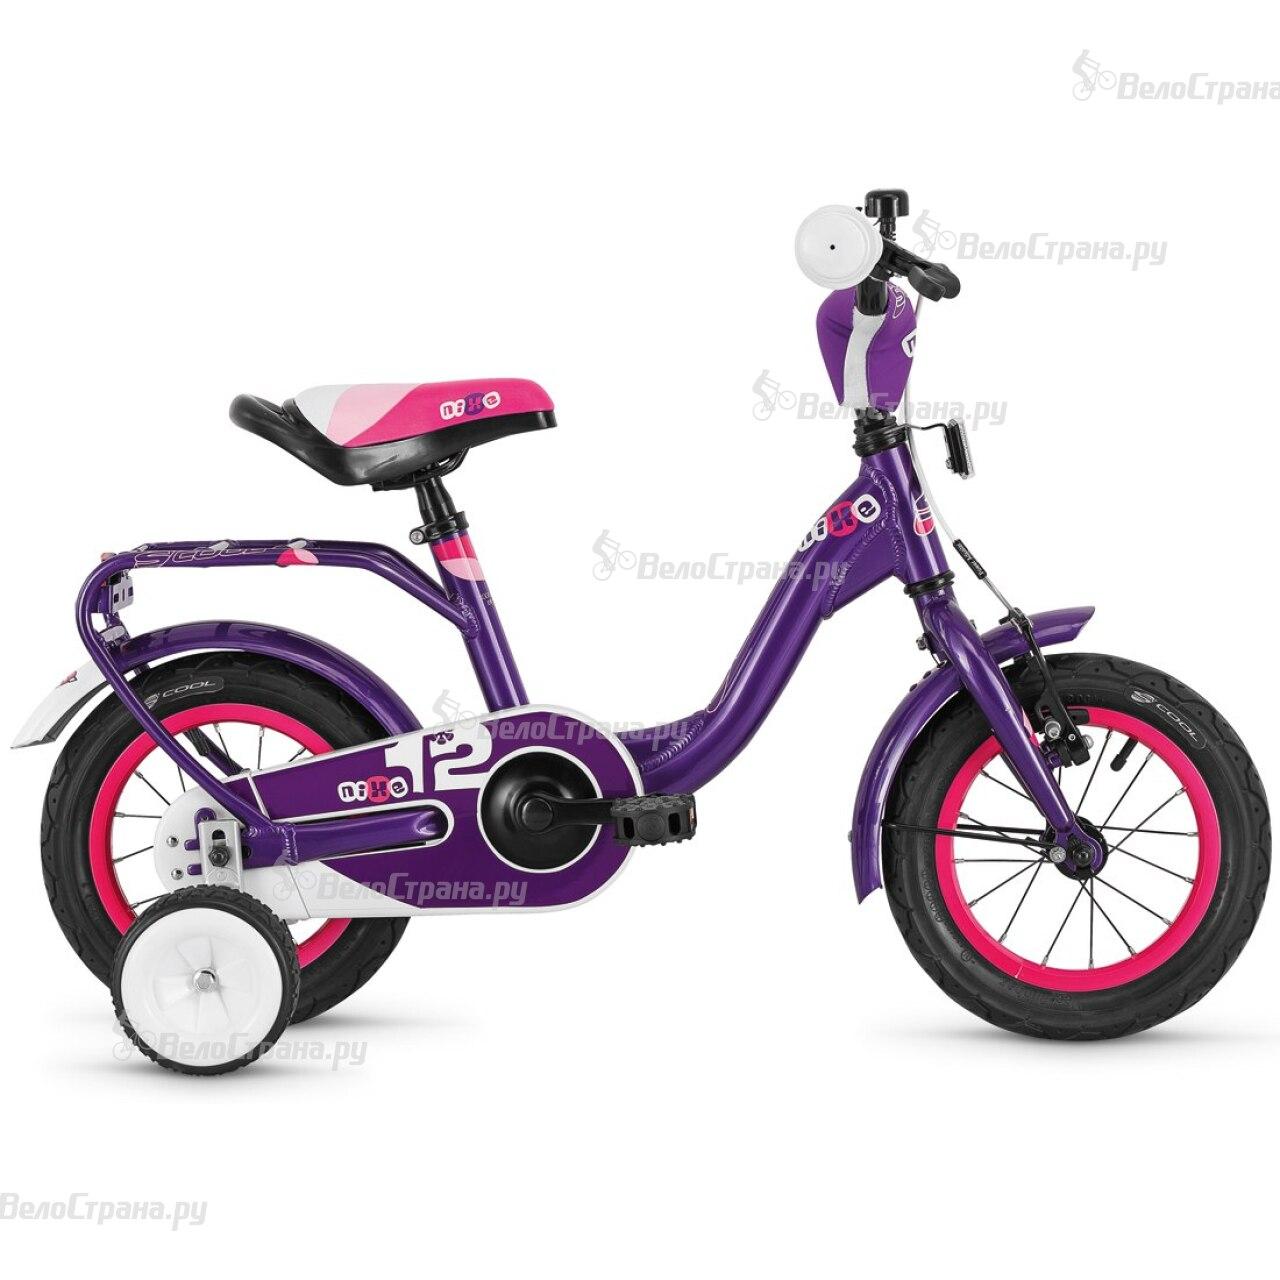 Велосипед Scool niXe 12 (2015) велосипед scool nixe 12 steel 2016